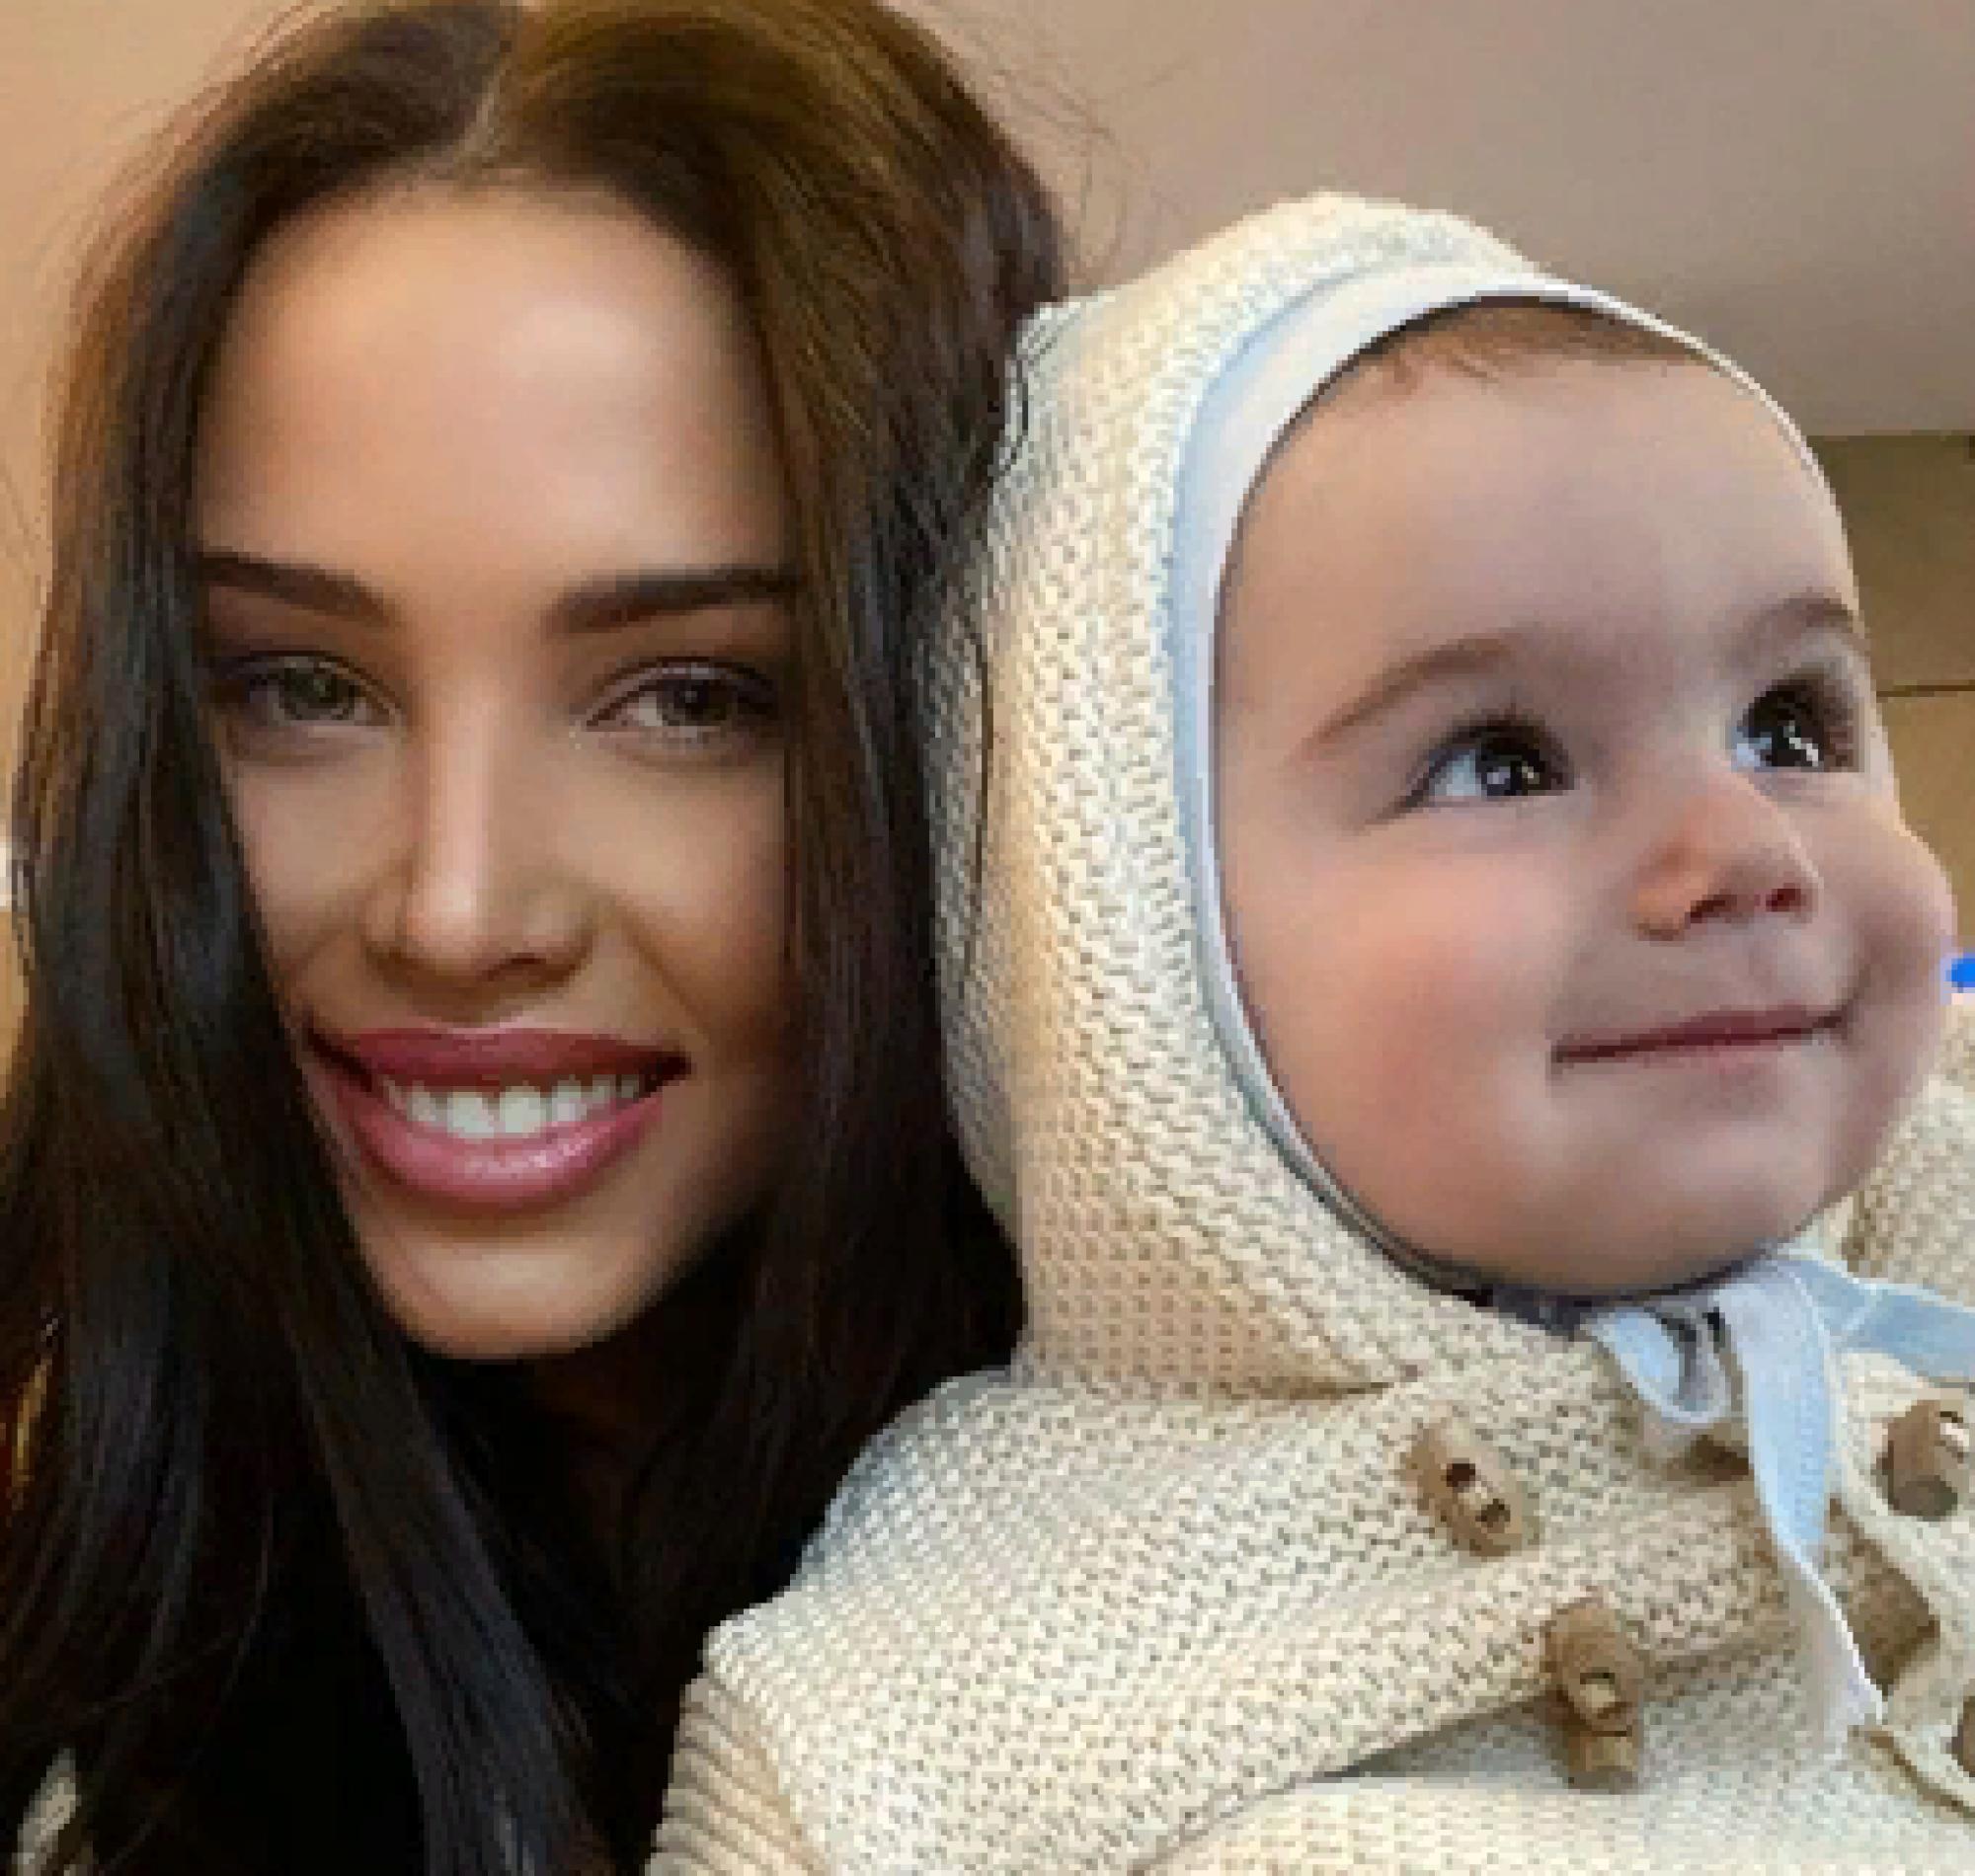 Анастасия Решетова рассказала о достижениях сына